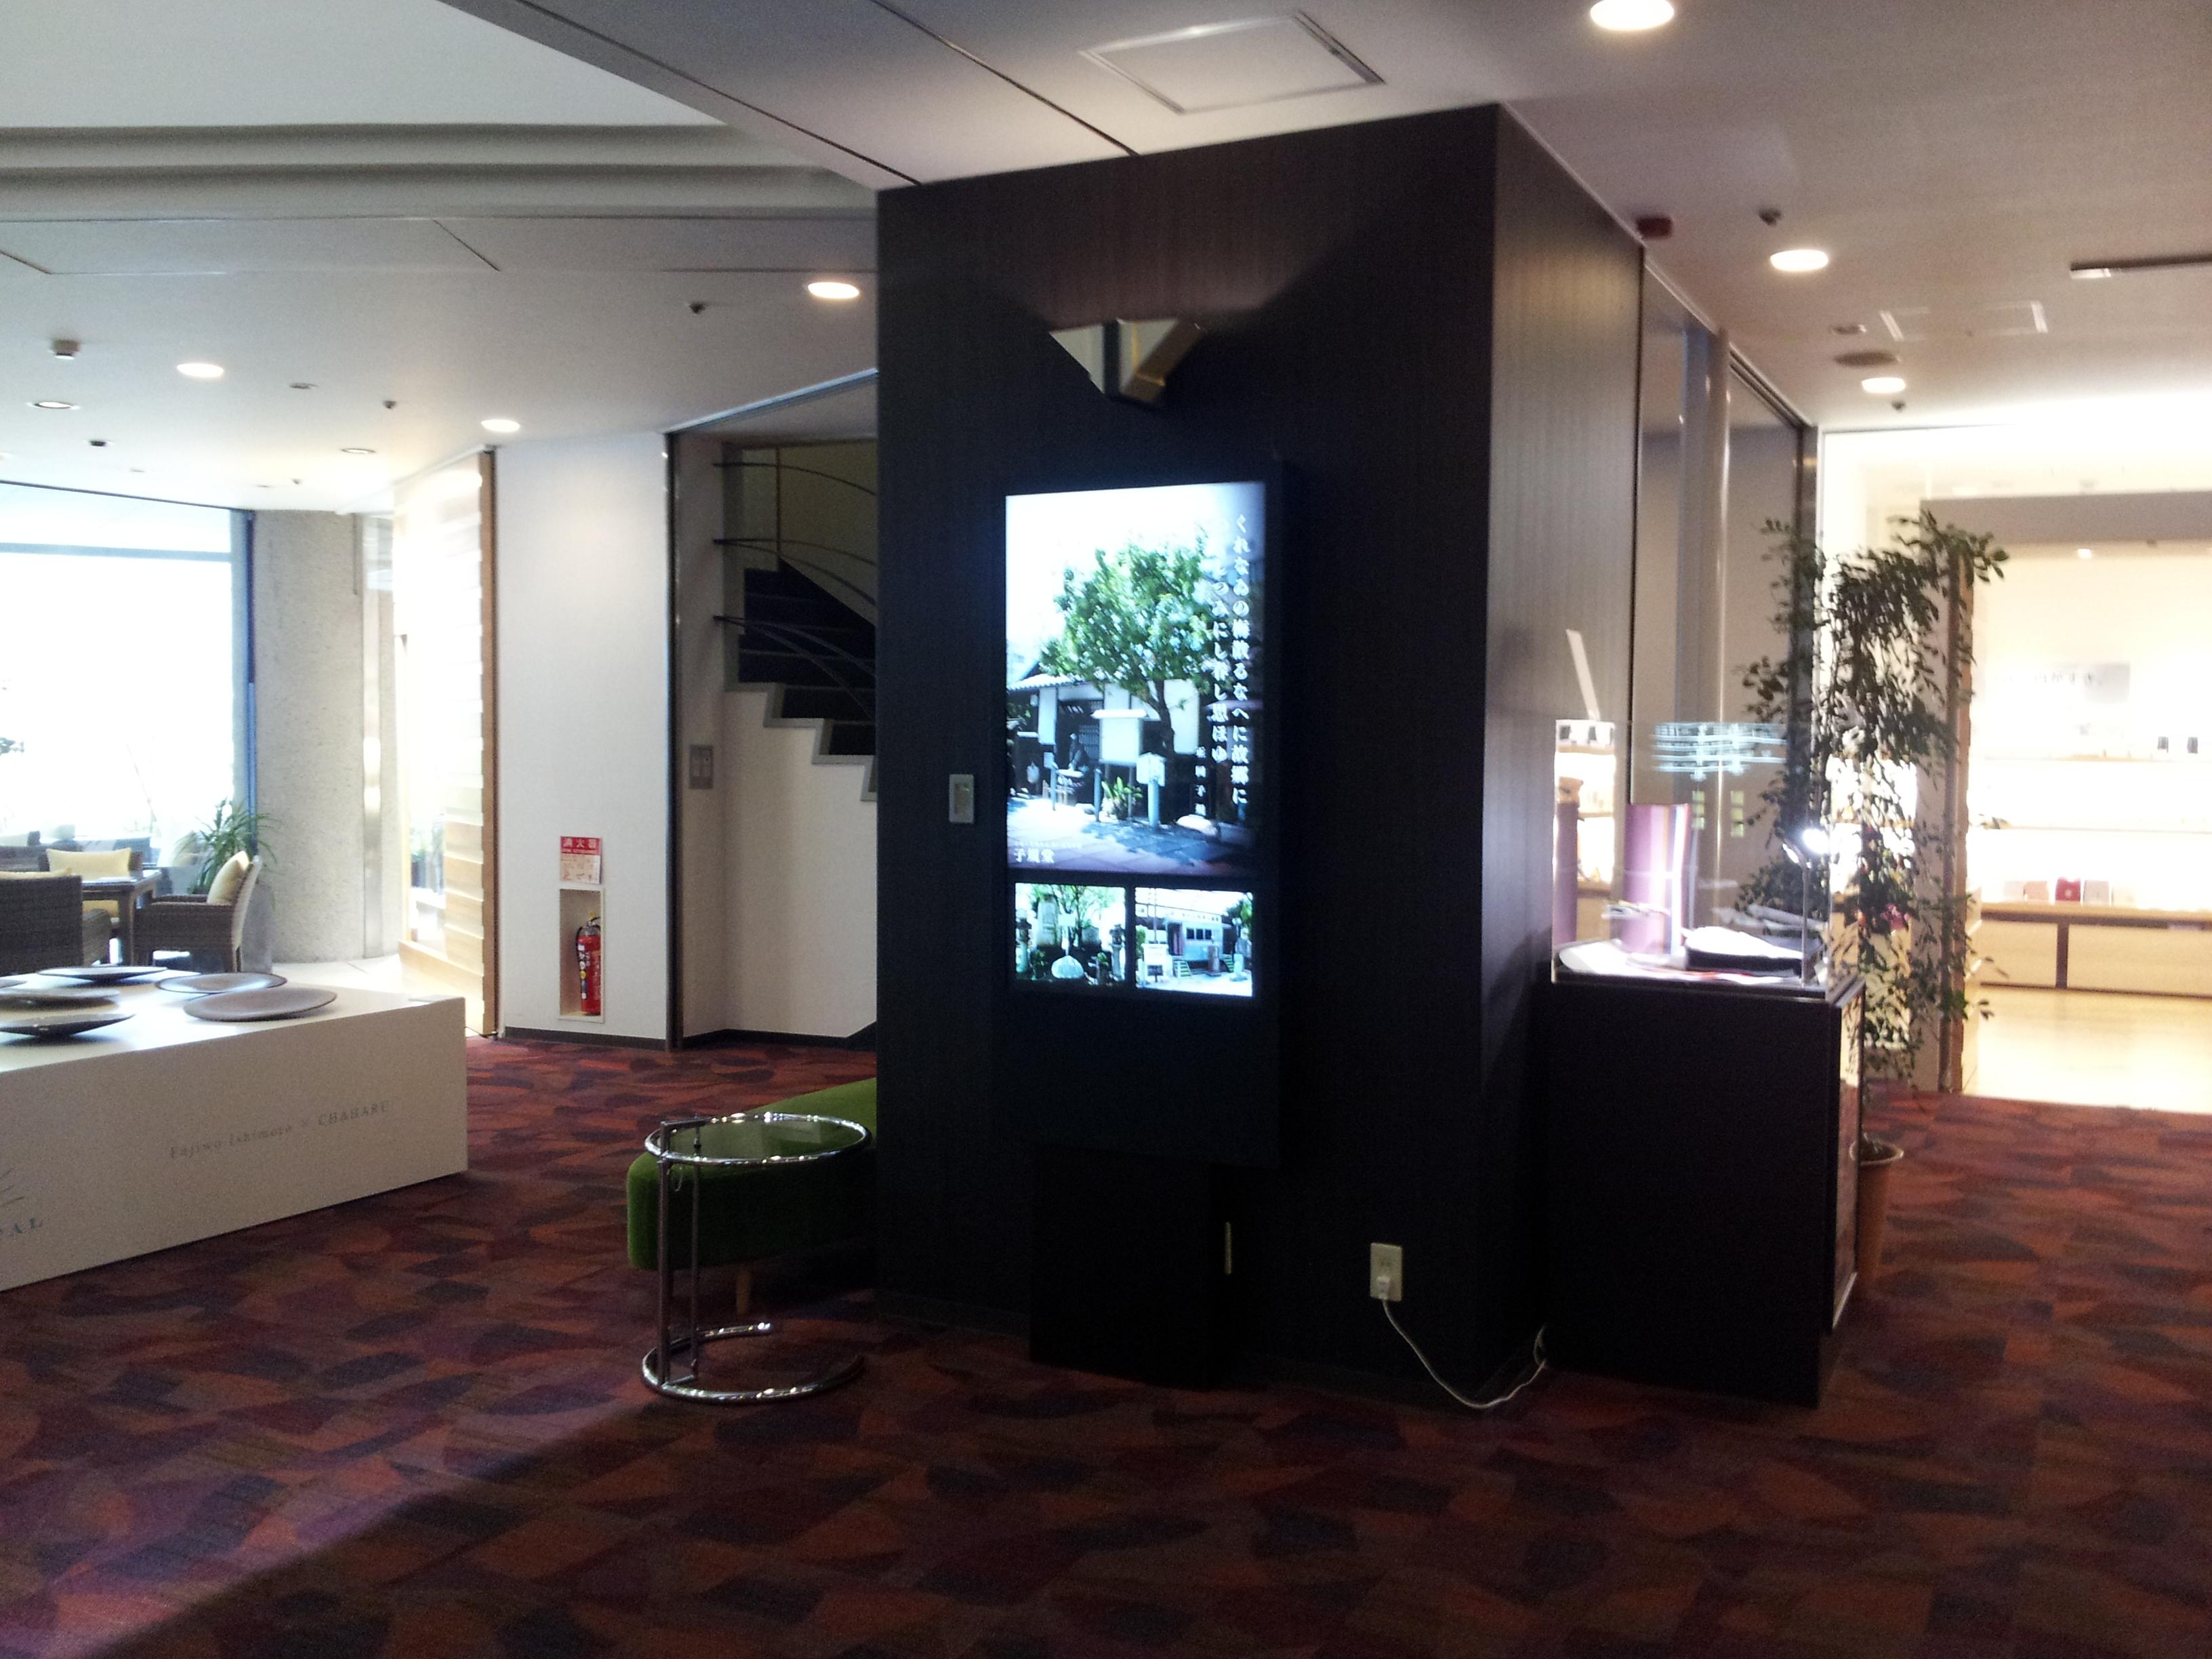 設置事例 デジタルサイネージ 52インチ壁掛け 温泉旅館設置 事例